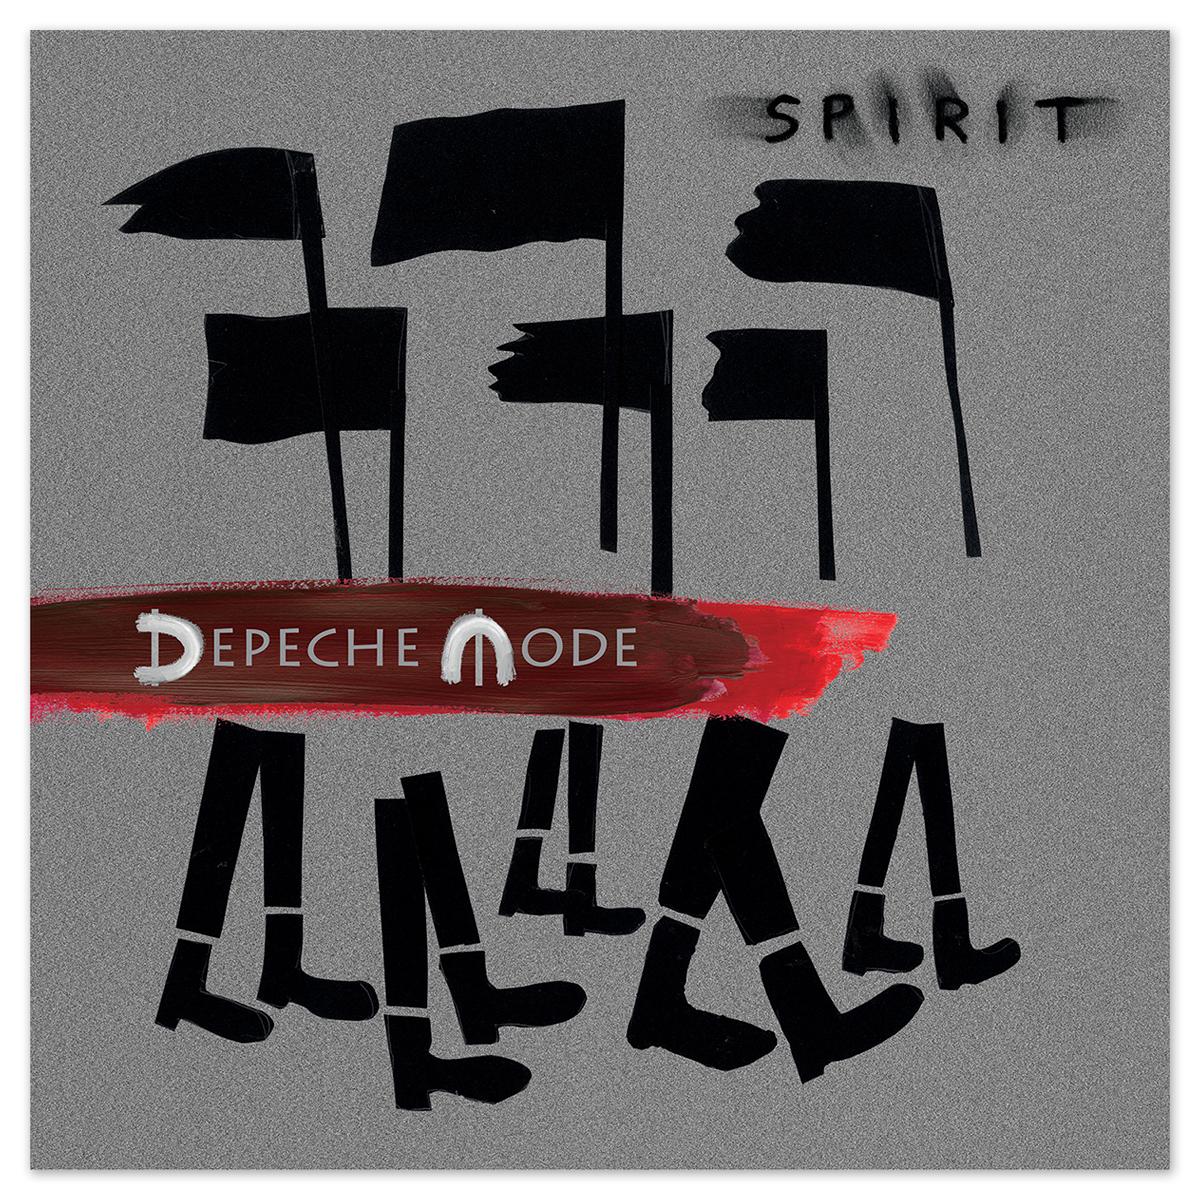 Depeche Mode: Spirit - CD